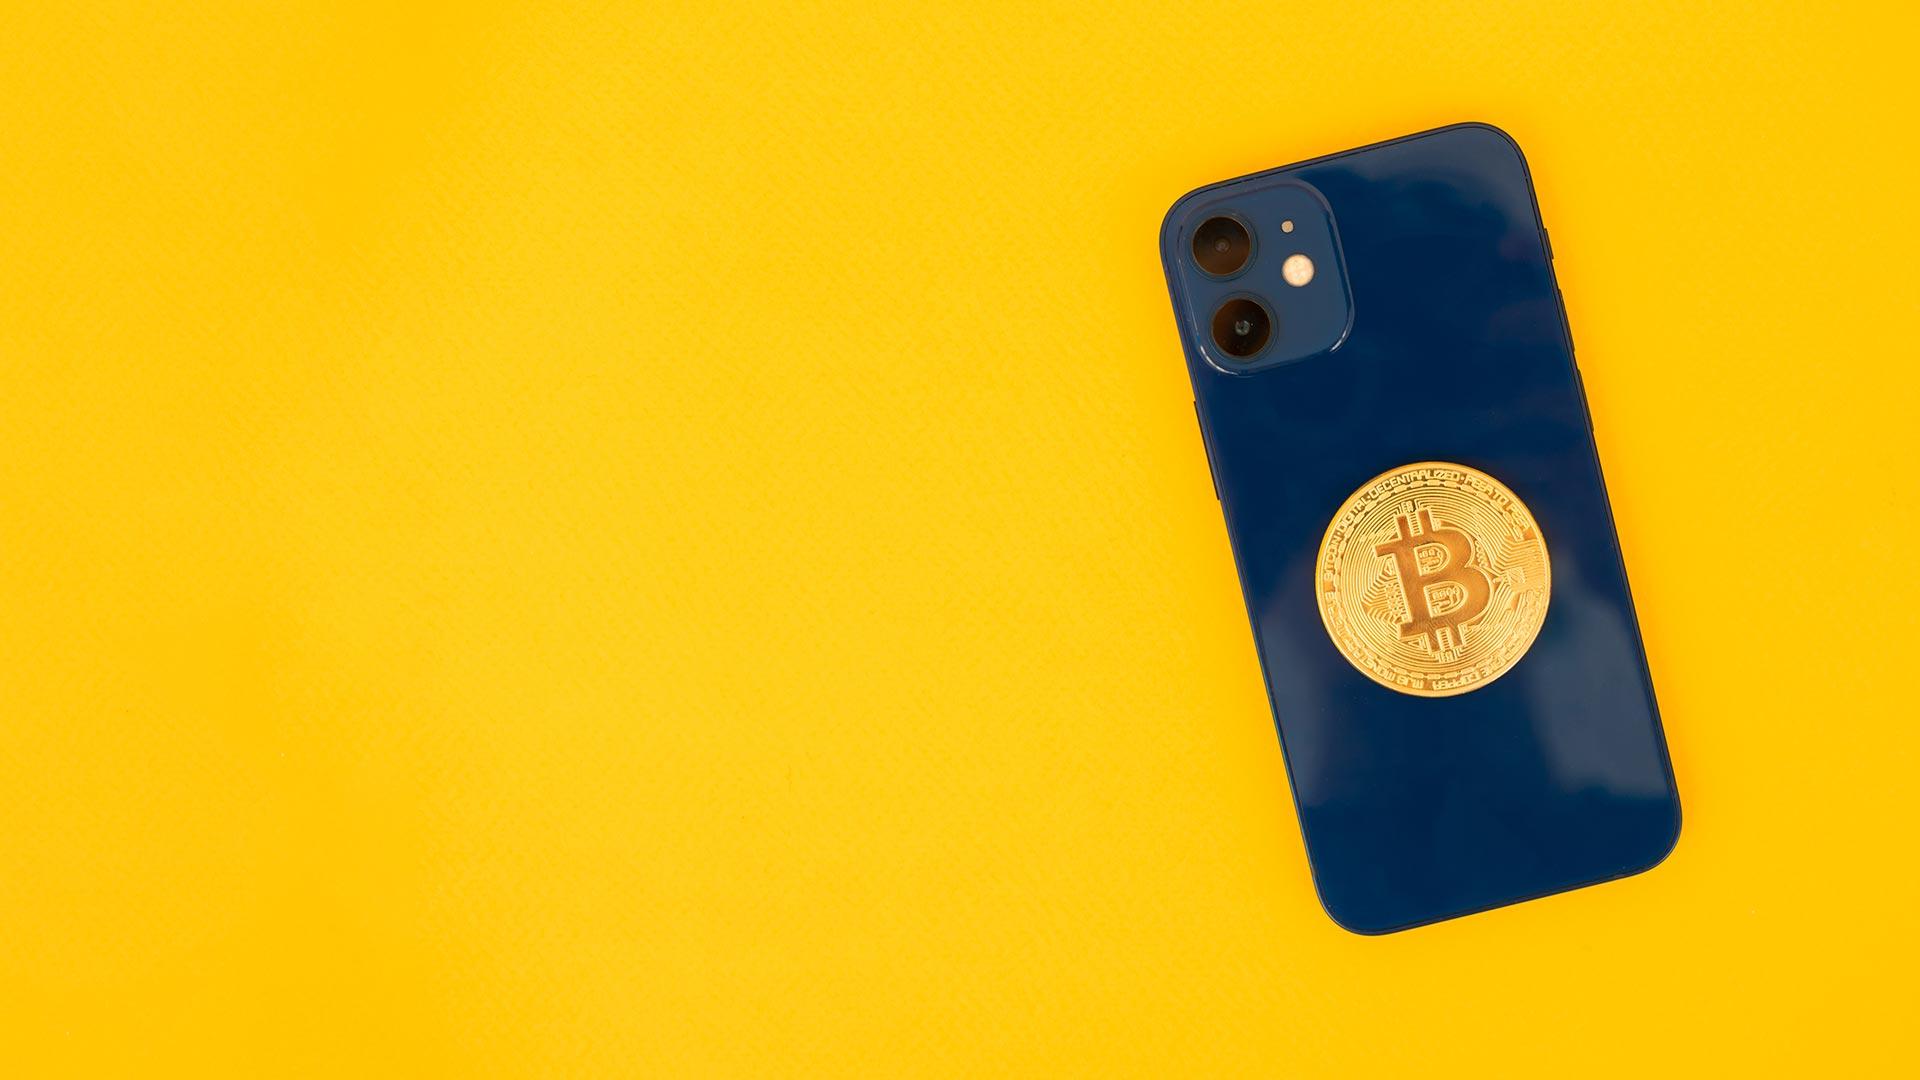 Novo iPhone ou Bitcoin? O que comprar?